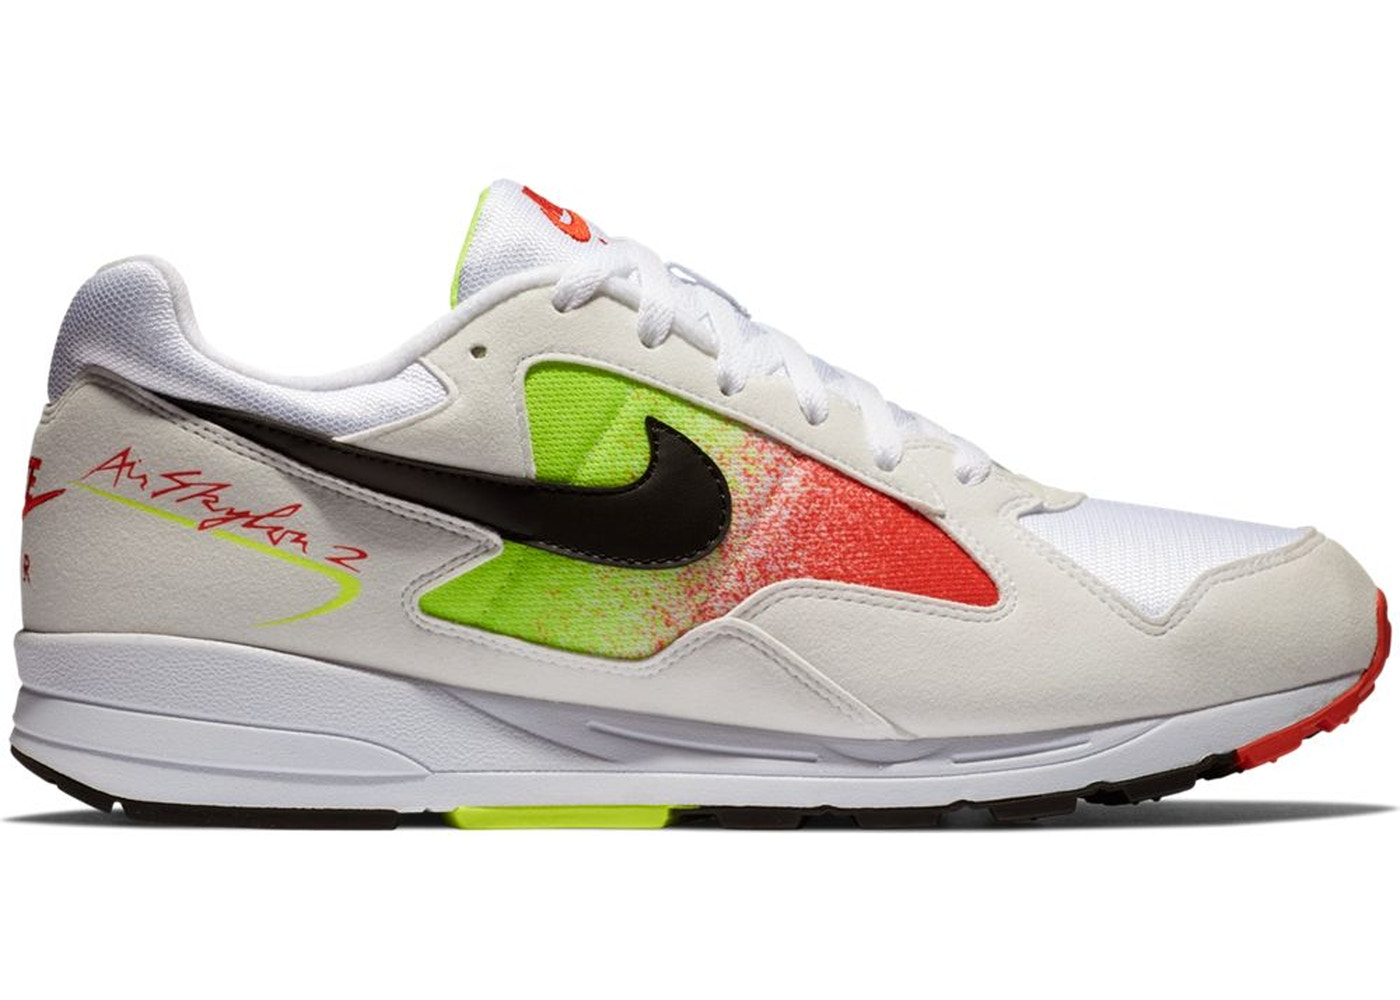 Cuatro Comparar Intrusión  Nike Air Skylon 2 White Black Volt Habanero Red - AO1551-105